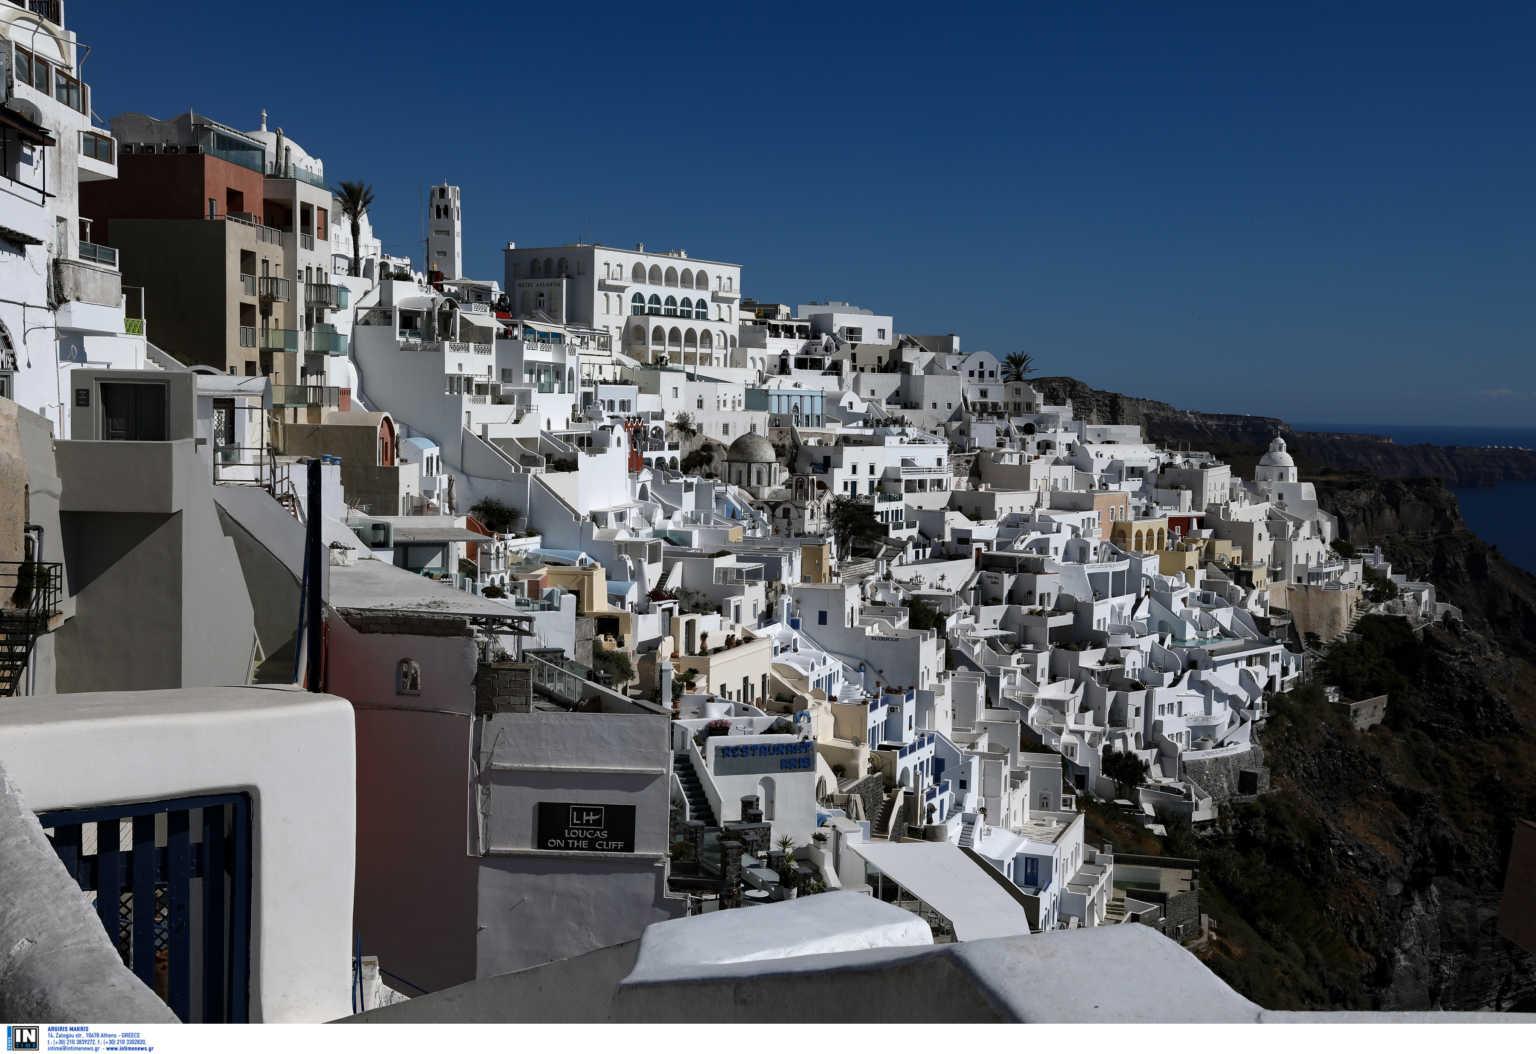 Πόλεμος στην Μεσόγειο για τους τουρίστες – Ποιες χώρες θα ανοίξουν από τον Μάιο τα σύνορά τους